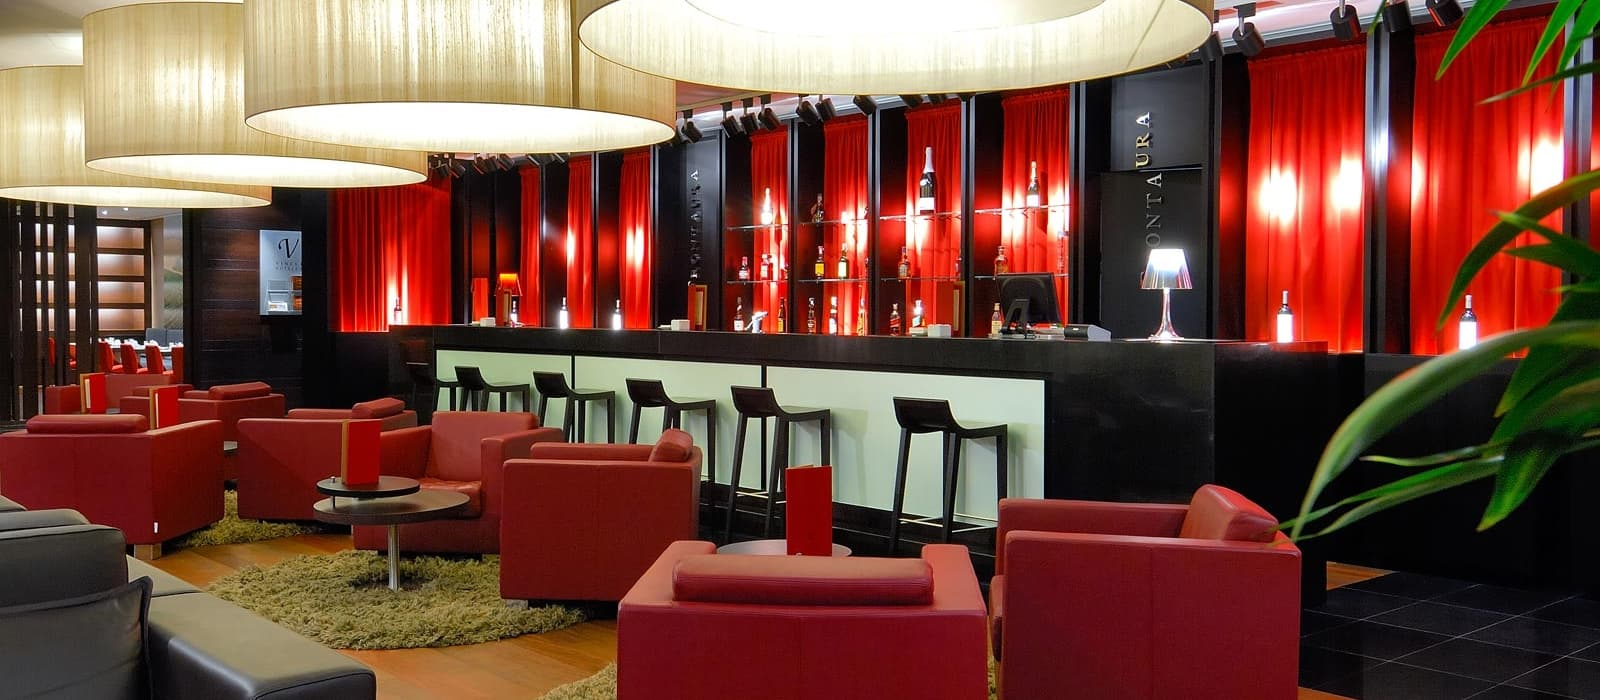 Hoteles Vincci. Hotel Vincci Frontaura im Zentrum von Valladolid.